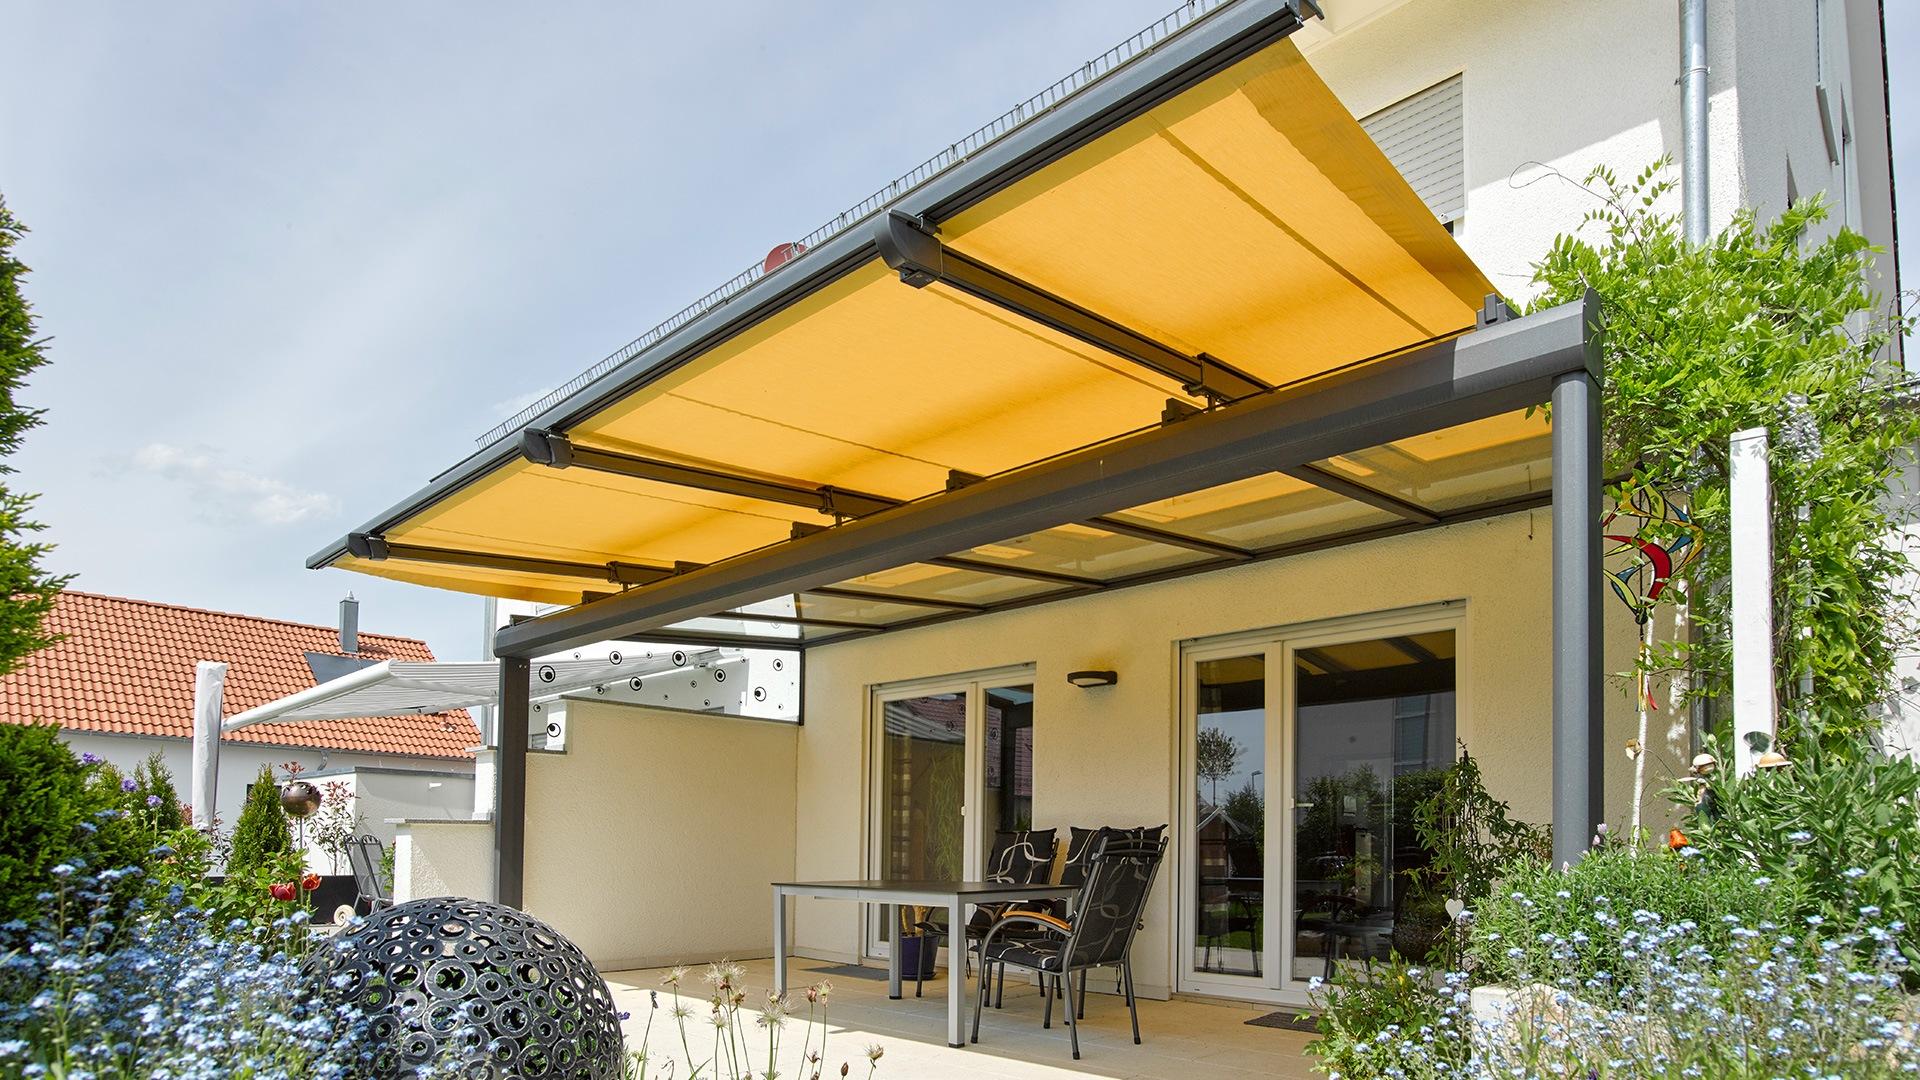 zanker jardino 12 - Sonnenschutz für Balkon und Terrasse